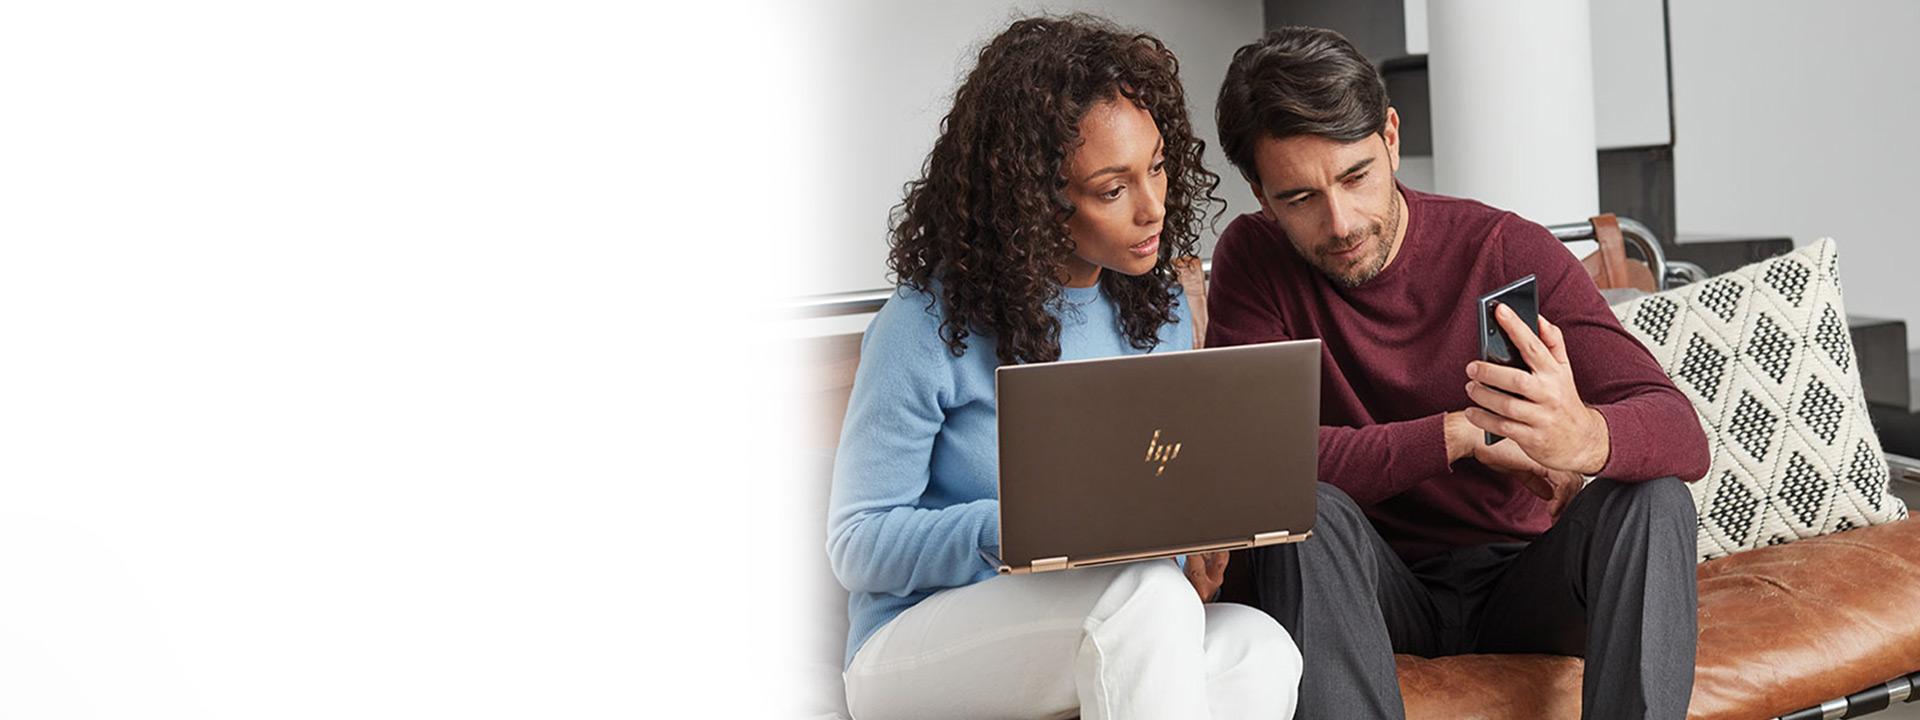 Una donna e un uomo seduti su un divano osservano un dispositivo mobile e un portatile Windows 10